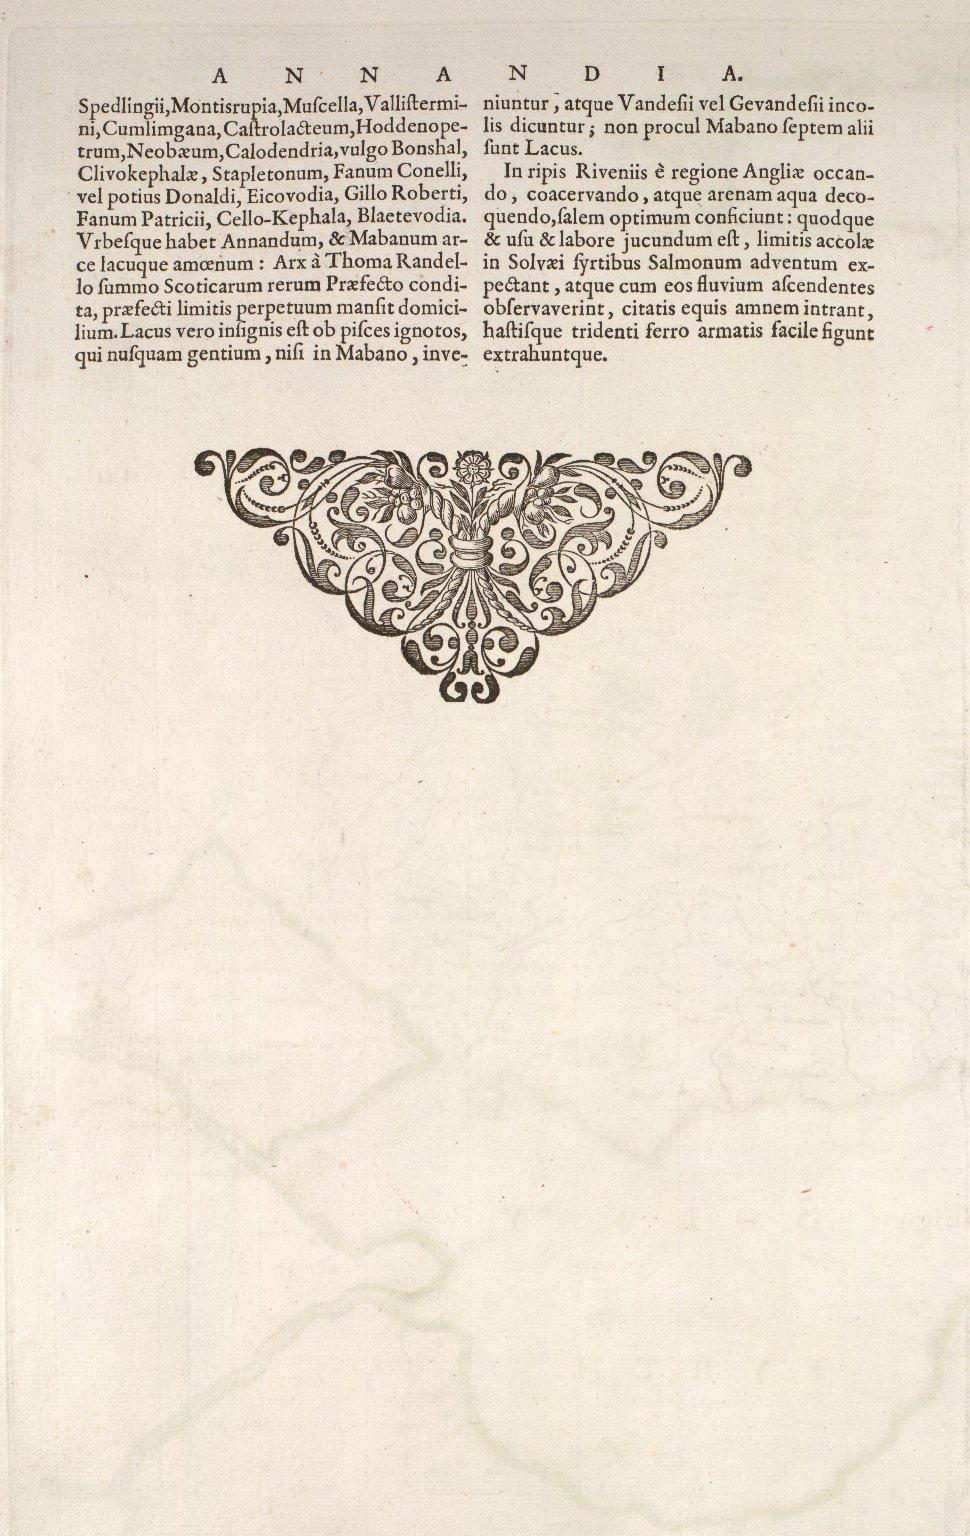 ANNANDIAE Praefectura, Vulgo THE STEWARTRIE of ANNANDAIL. [3 of 3]